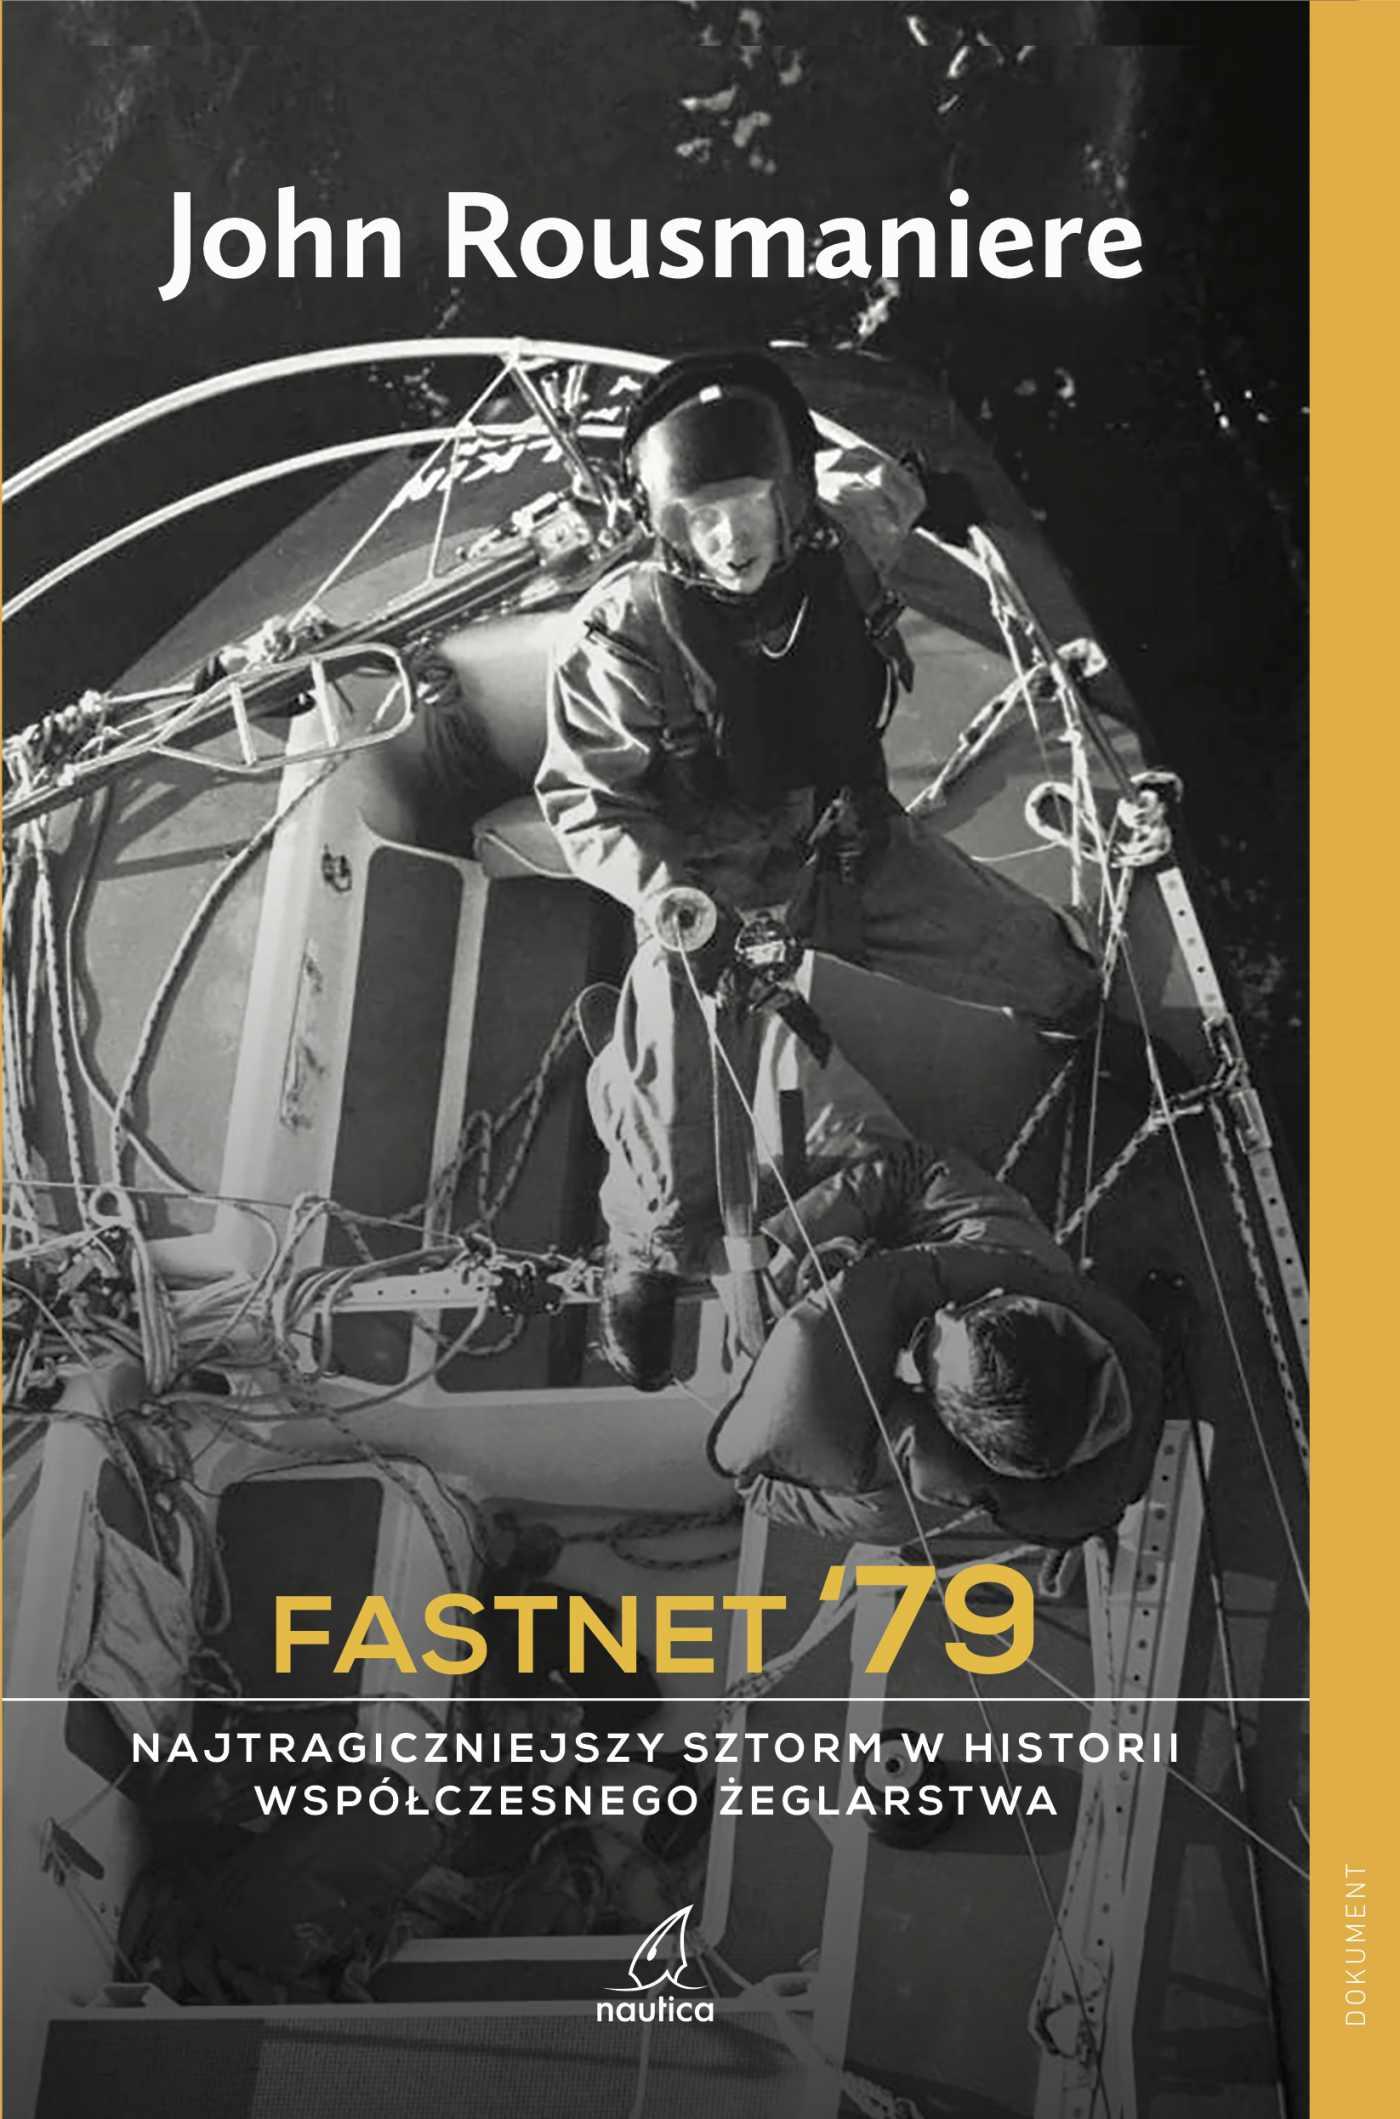 Fastnet '79 - Ebook (Książka EPUB) do pobrania w formacie EPUB